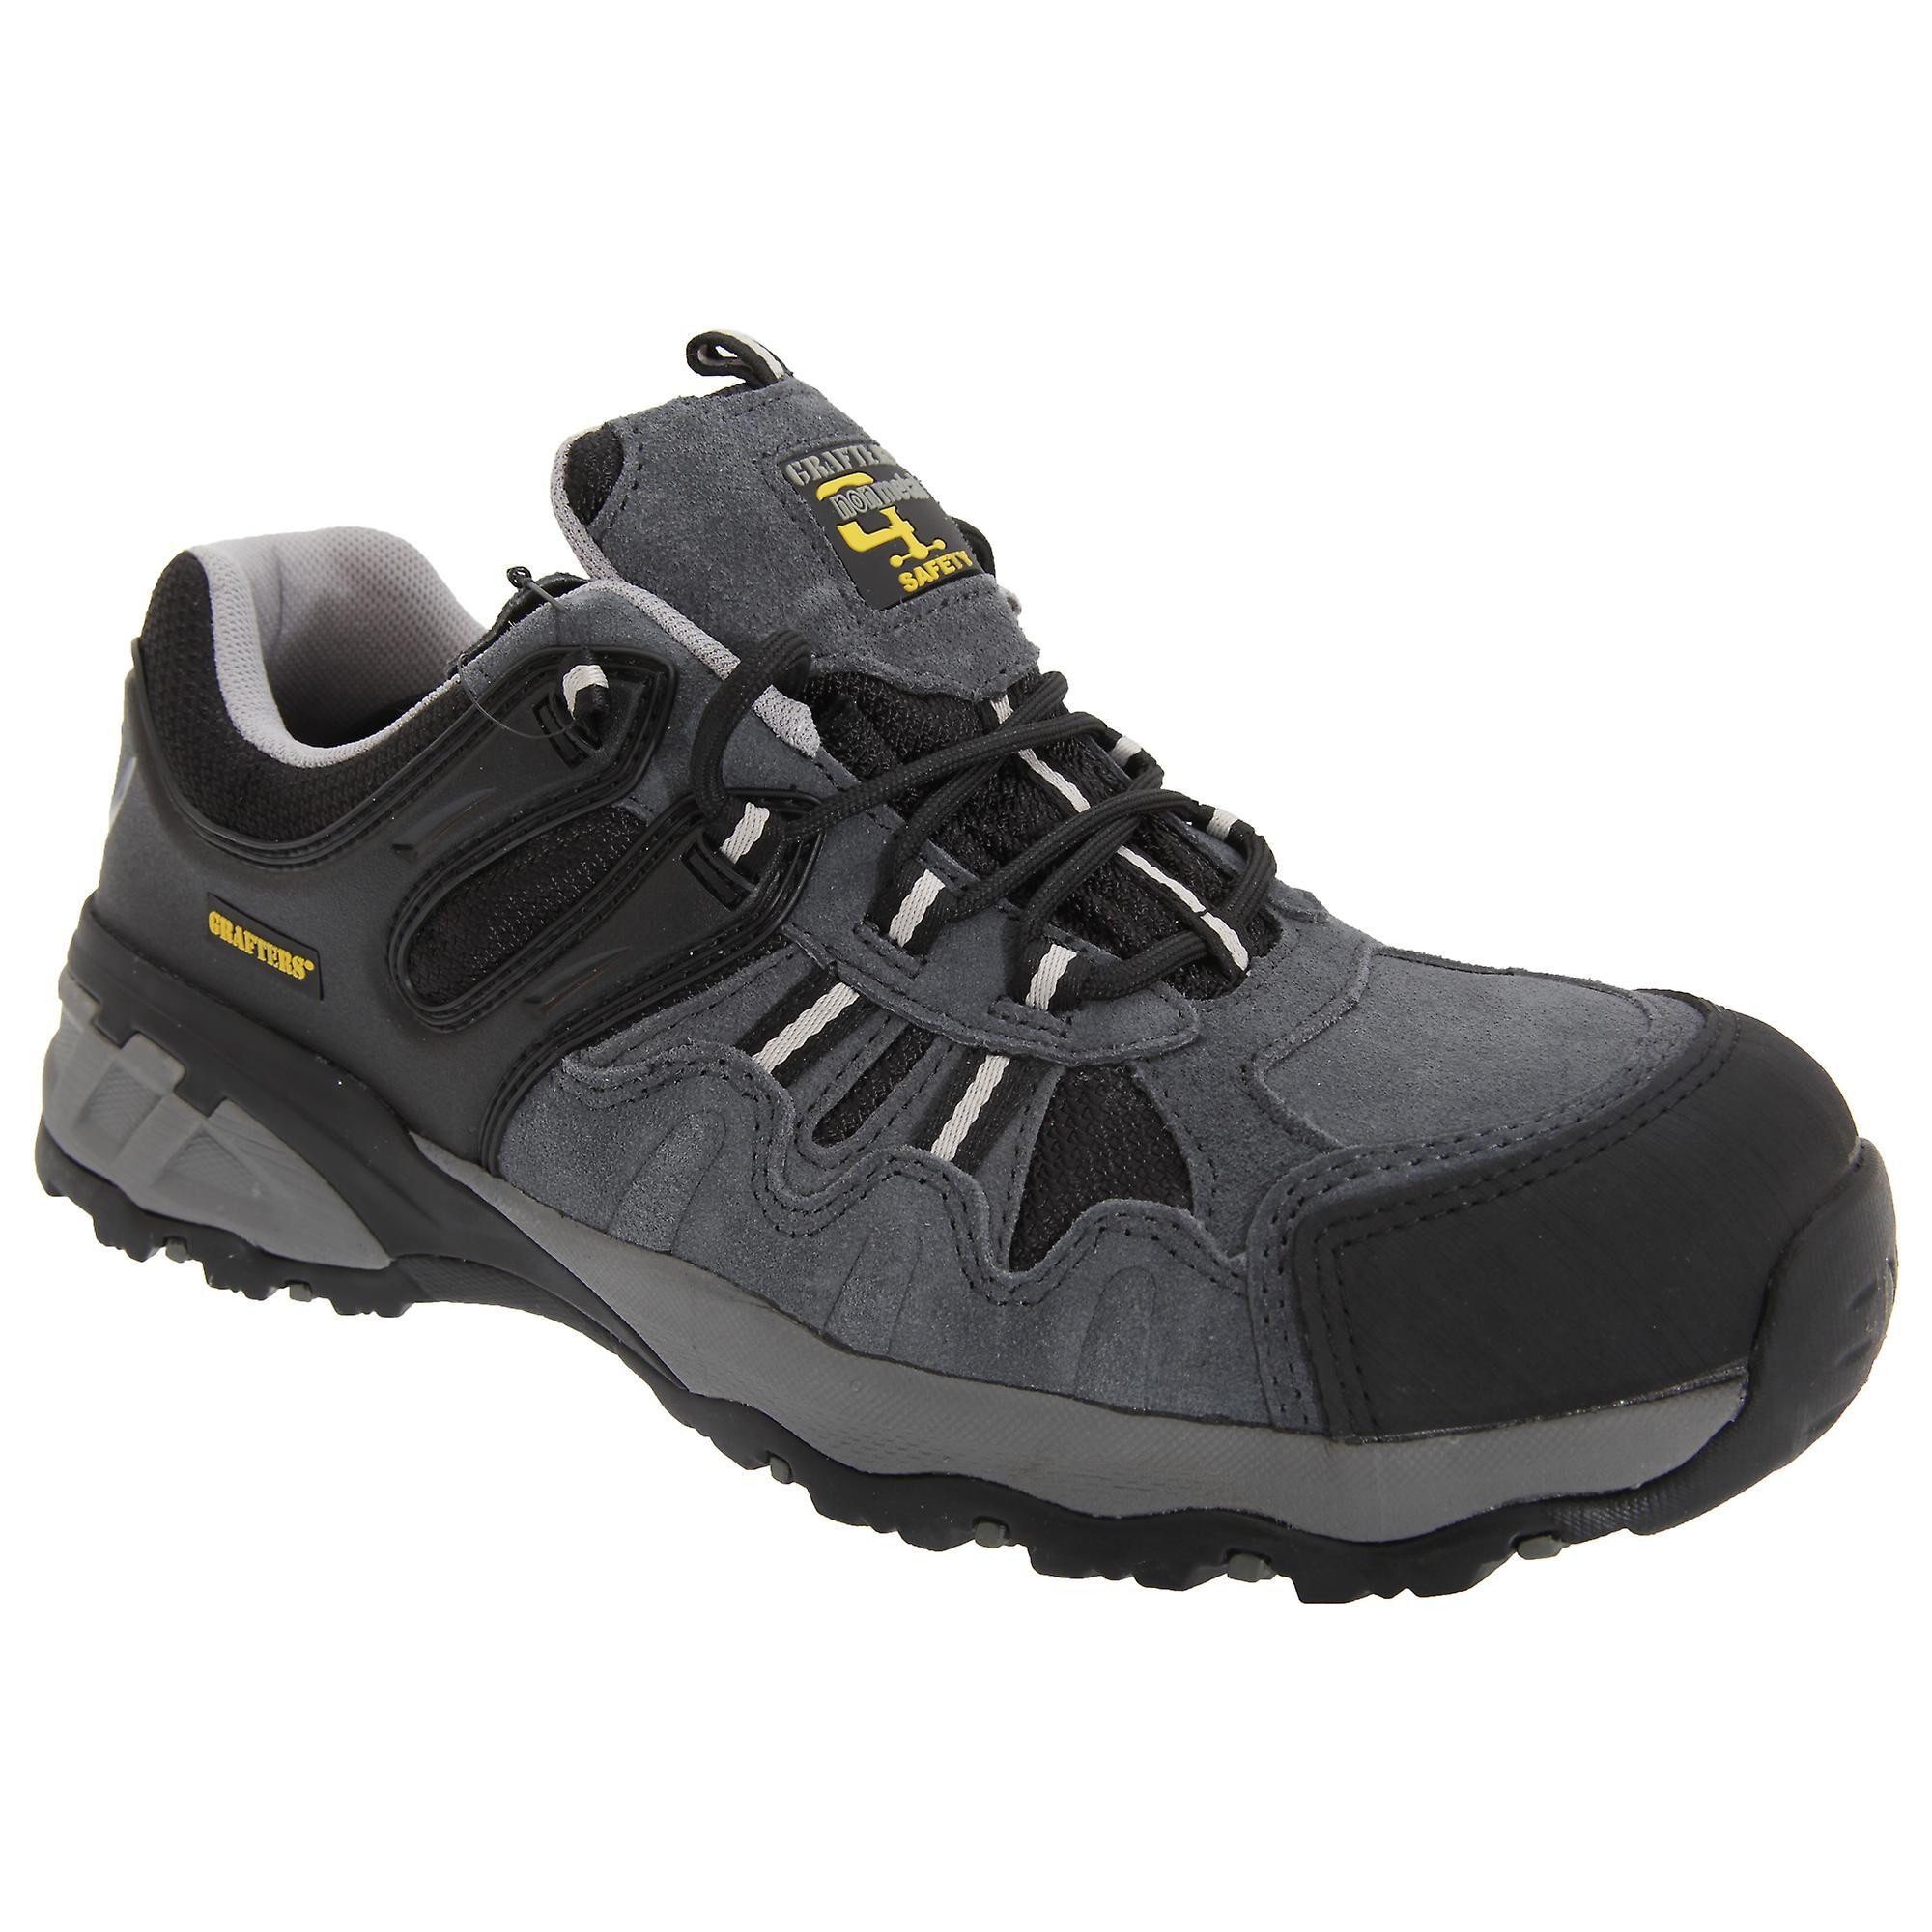 Grafters Mens fullt kompositt ikke-metall sikkerhet trener sko Grå/svart 39 EUR